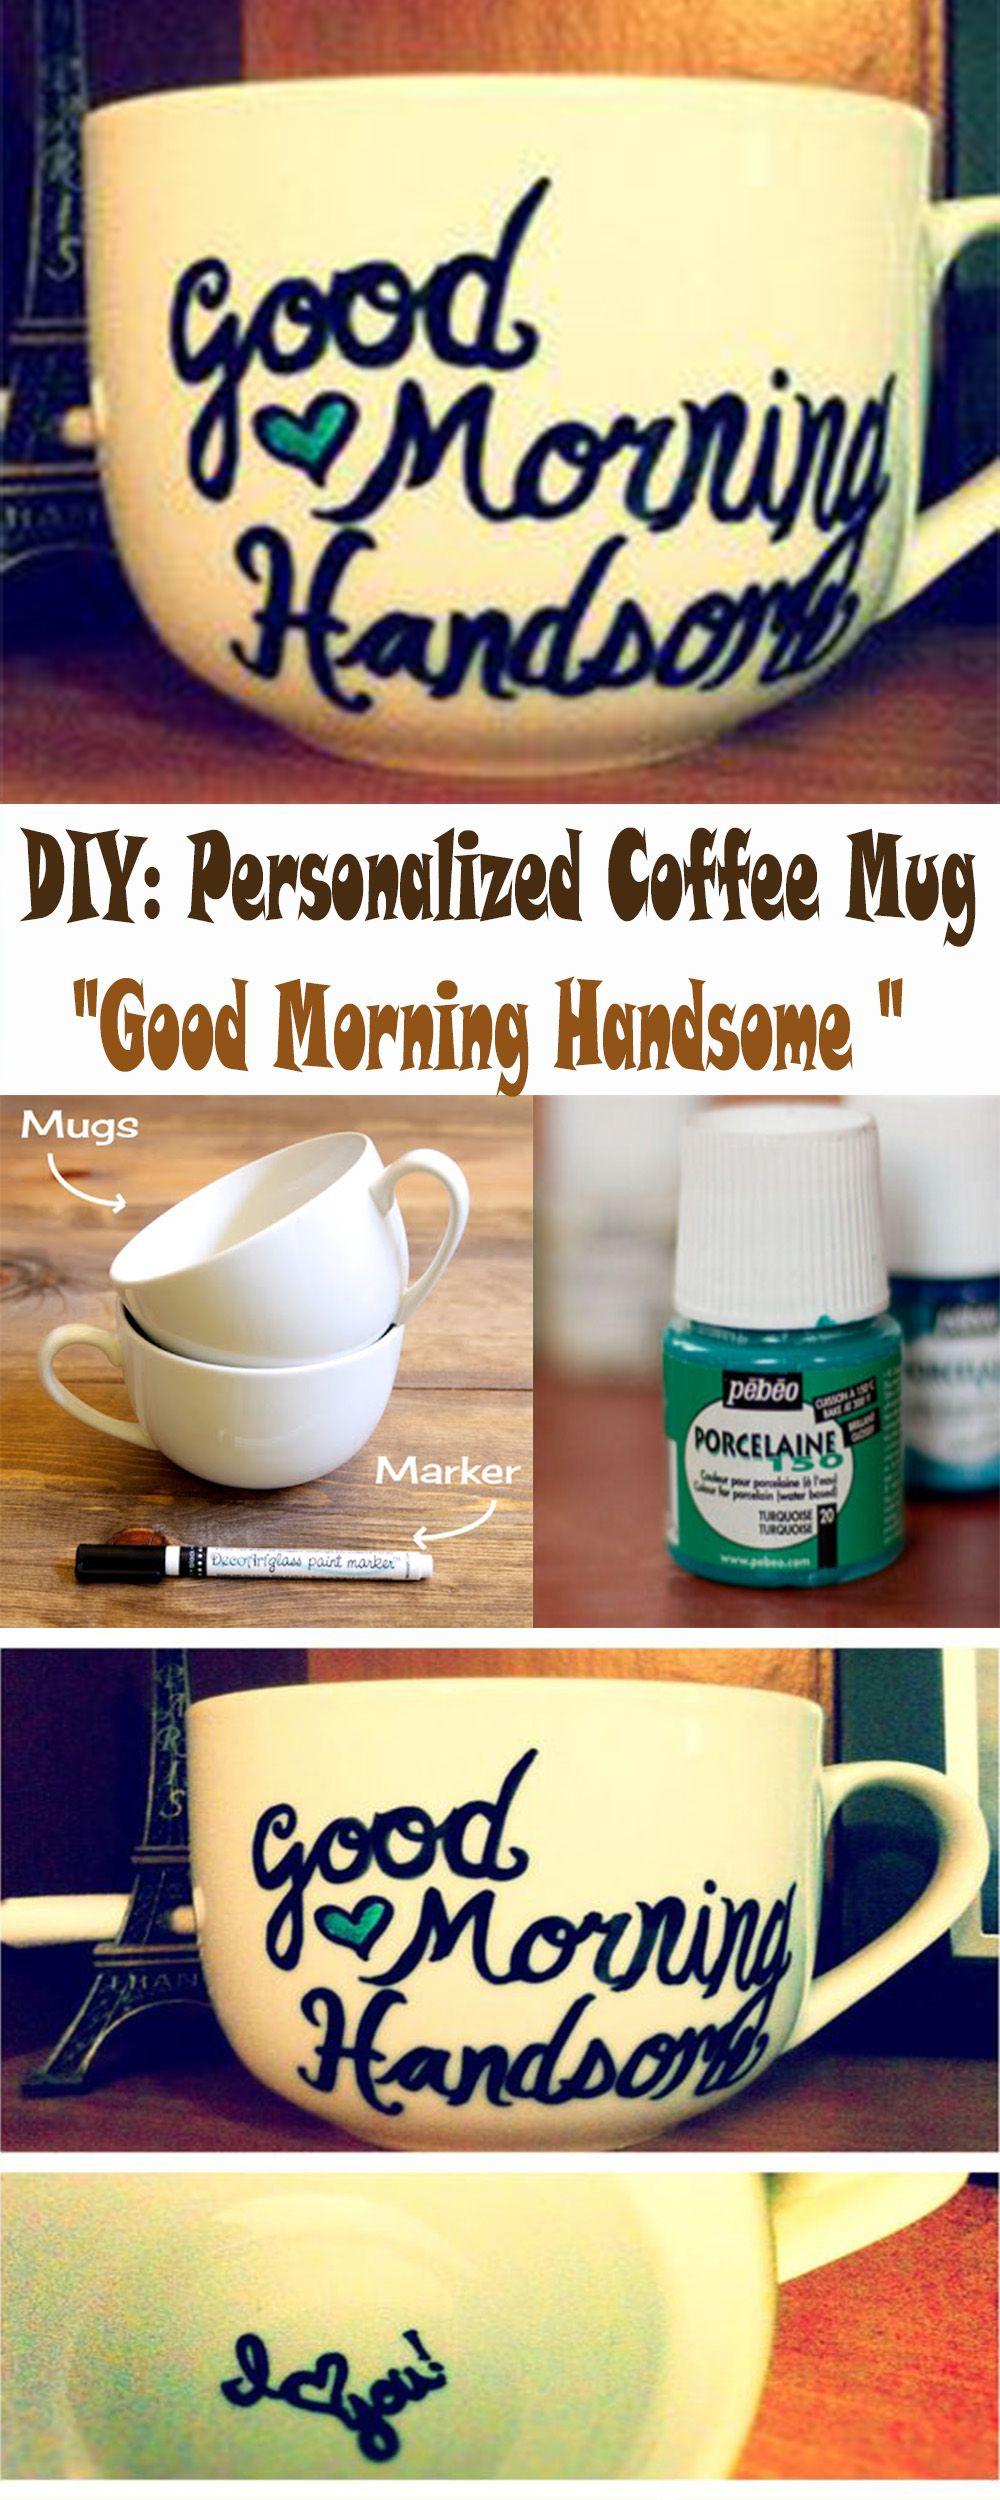 DIY Personalized Coffee Mug Boyfriend Gift Ideas